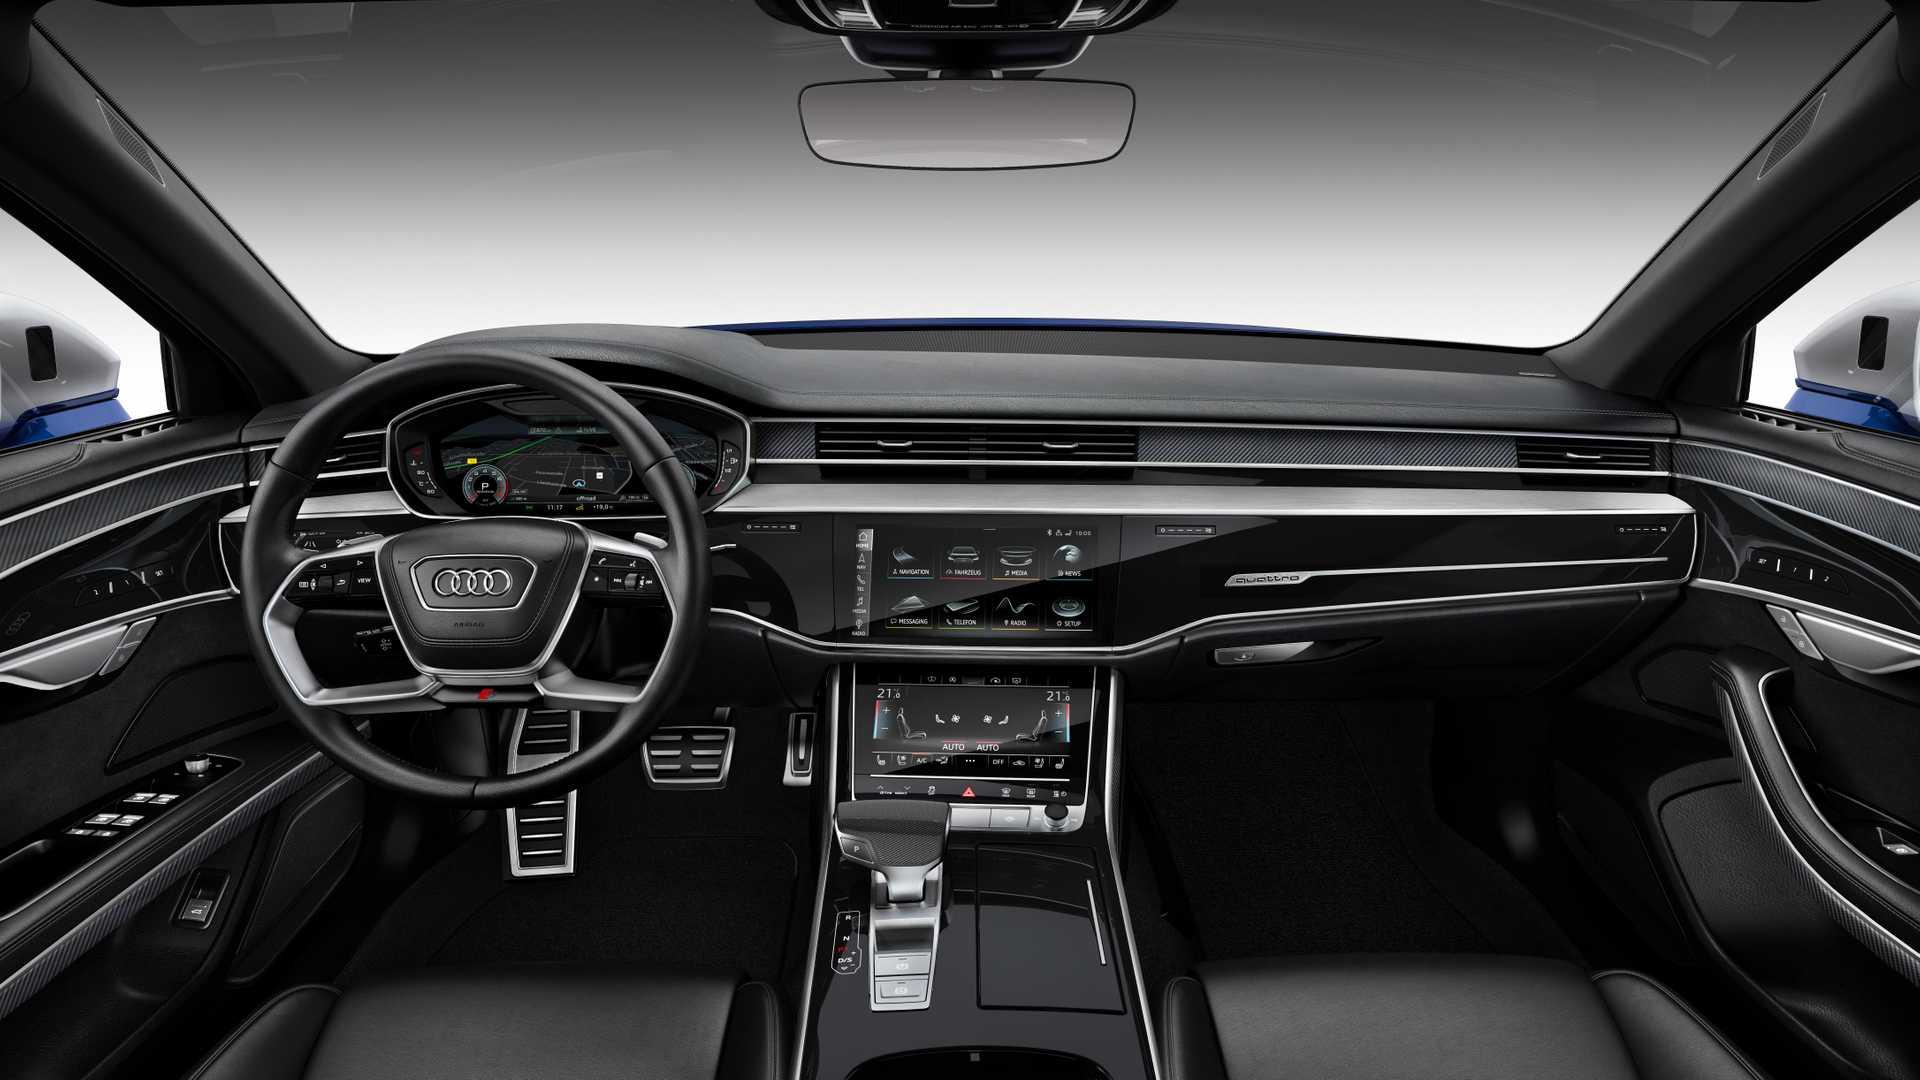 Kelebihan Kekurangan Audi S8 2019 Tangguh